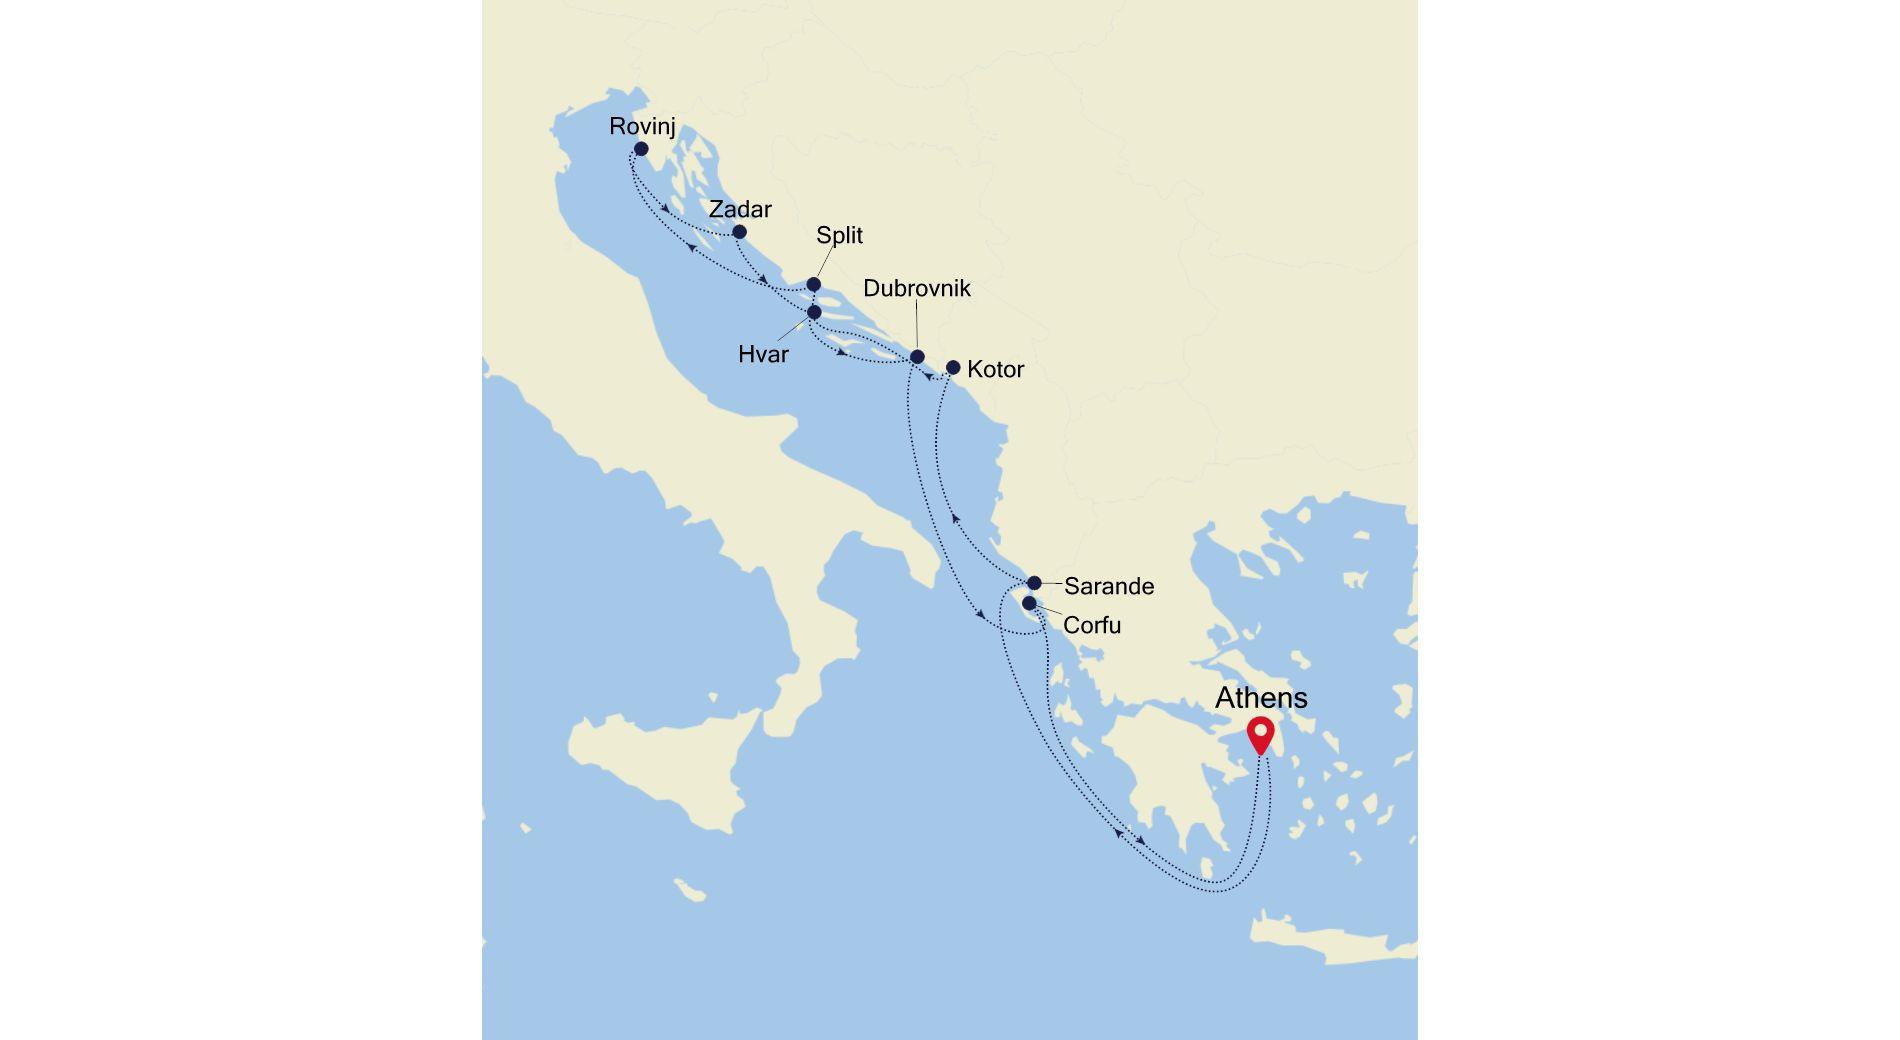 SL200424011 - Venice a Venice